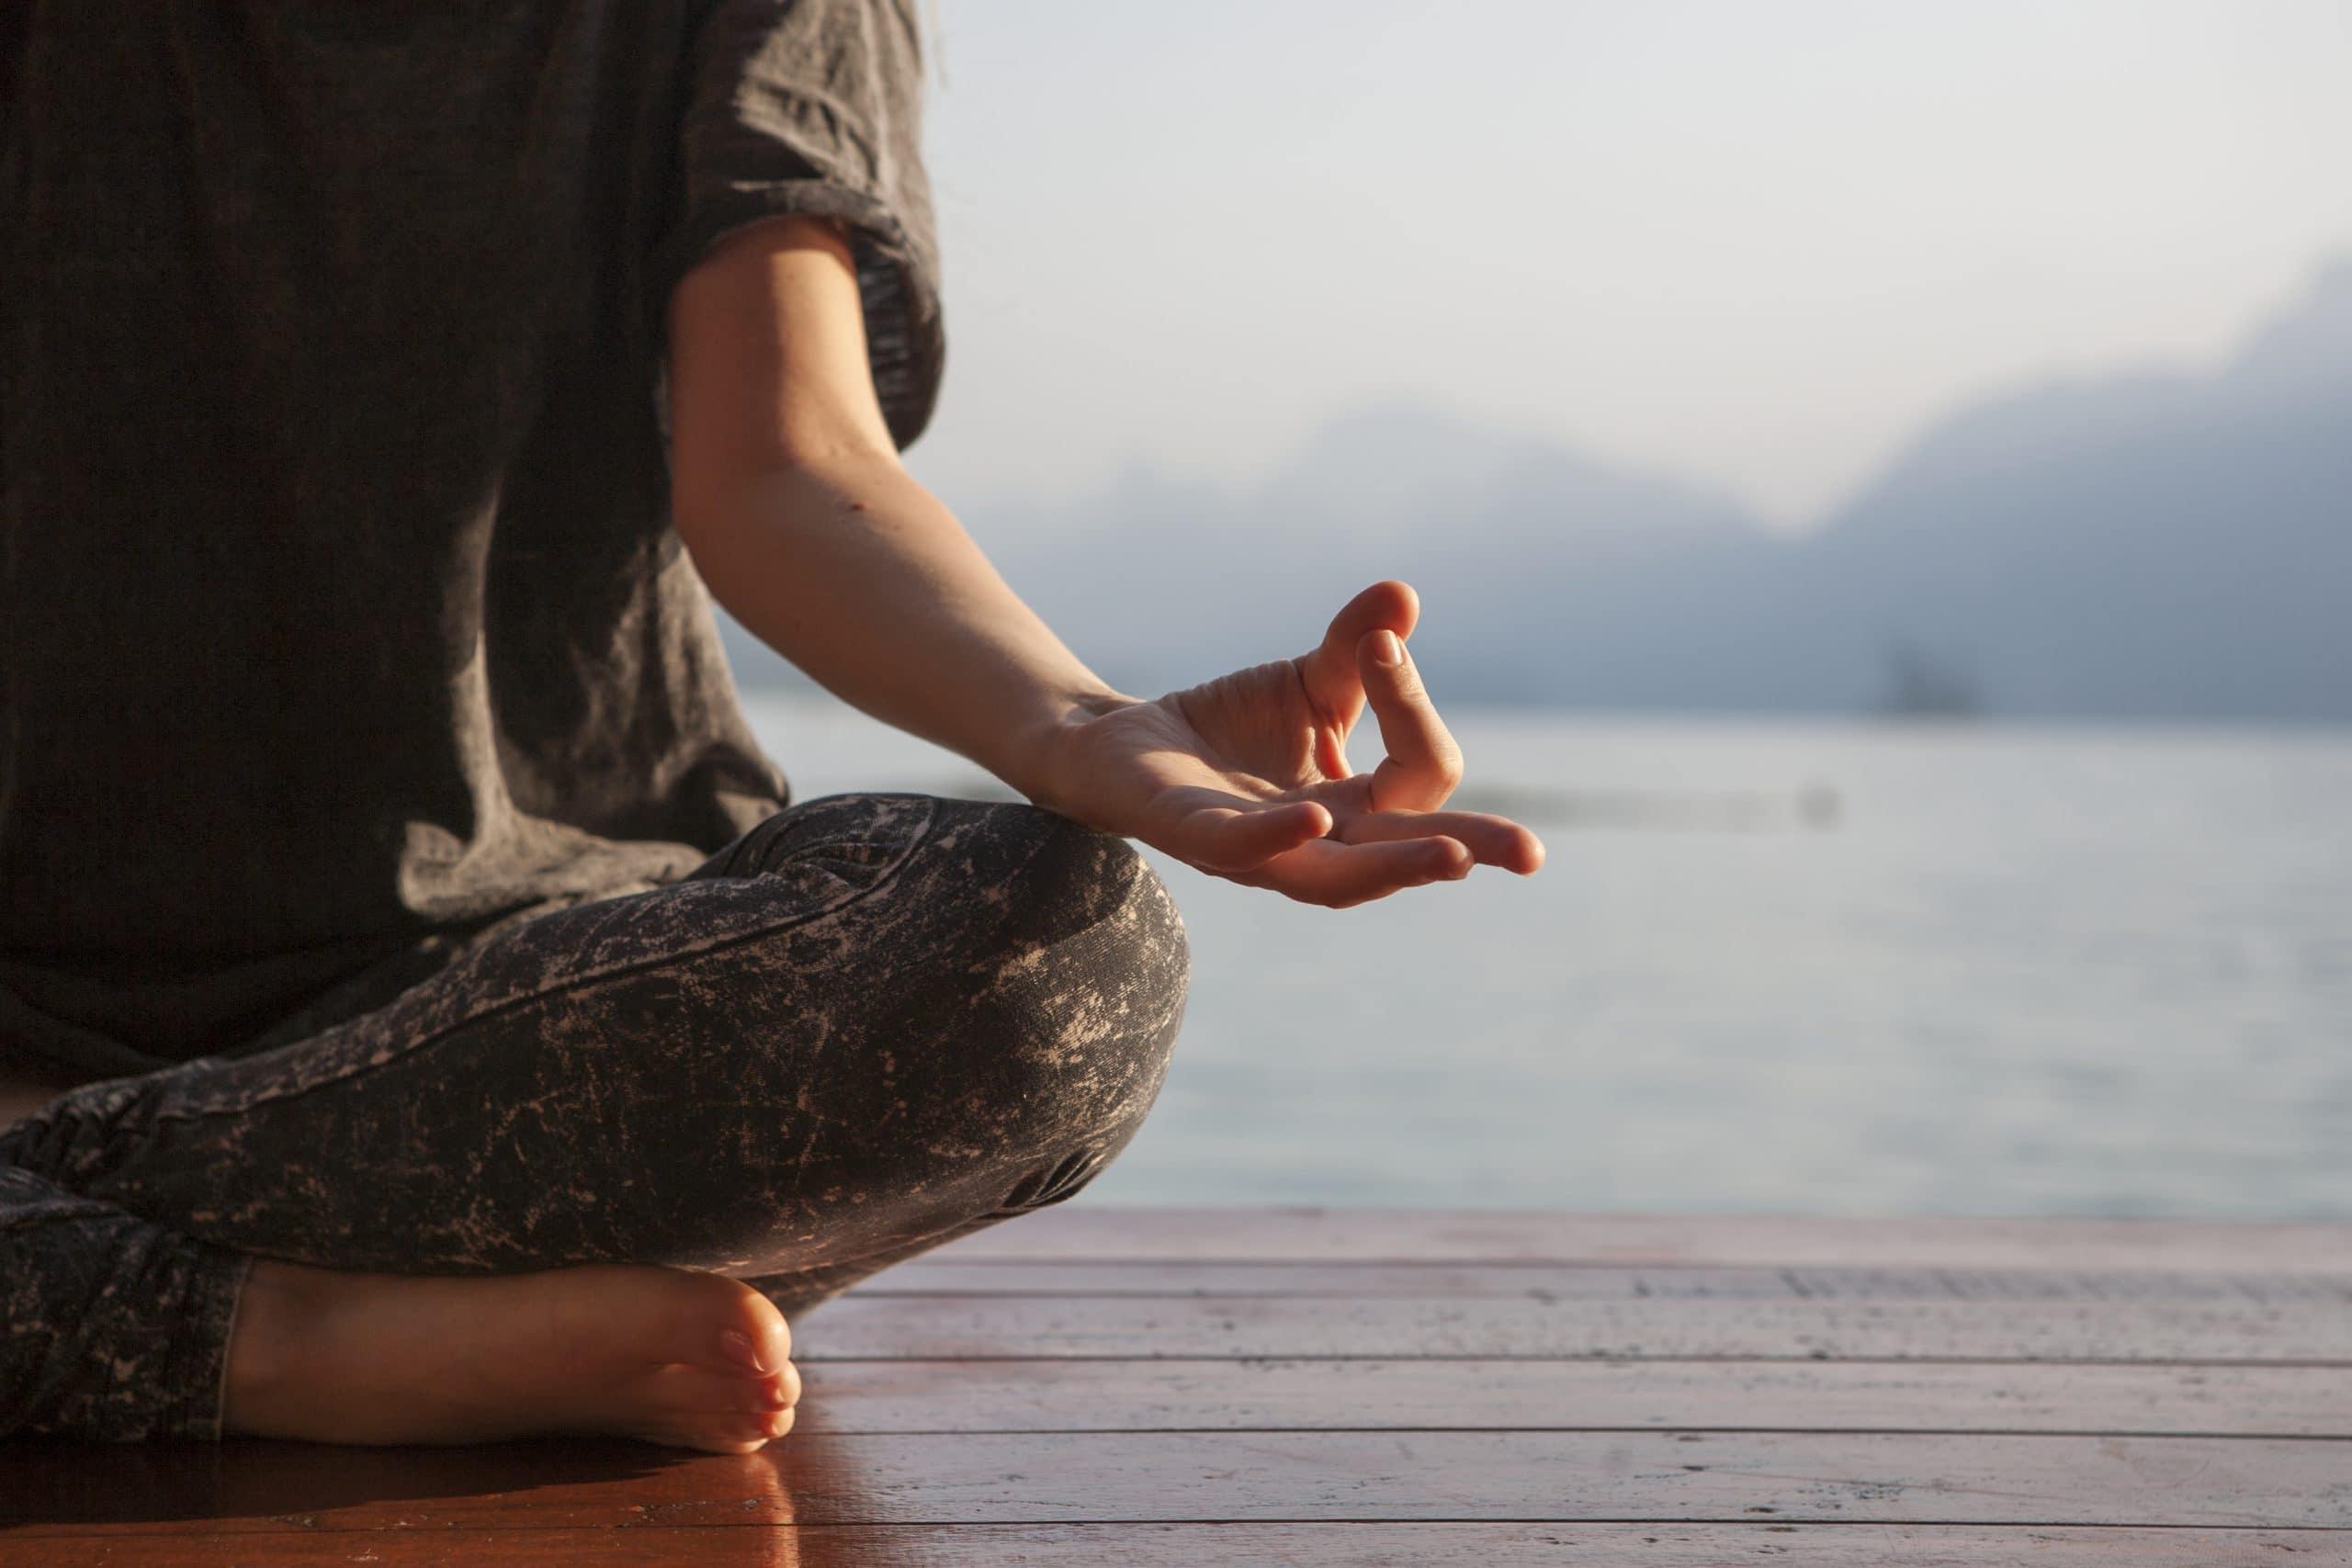 Metade do corpo de uma mulher meditando.